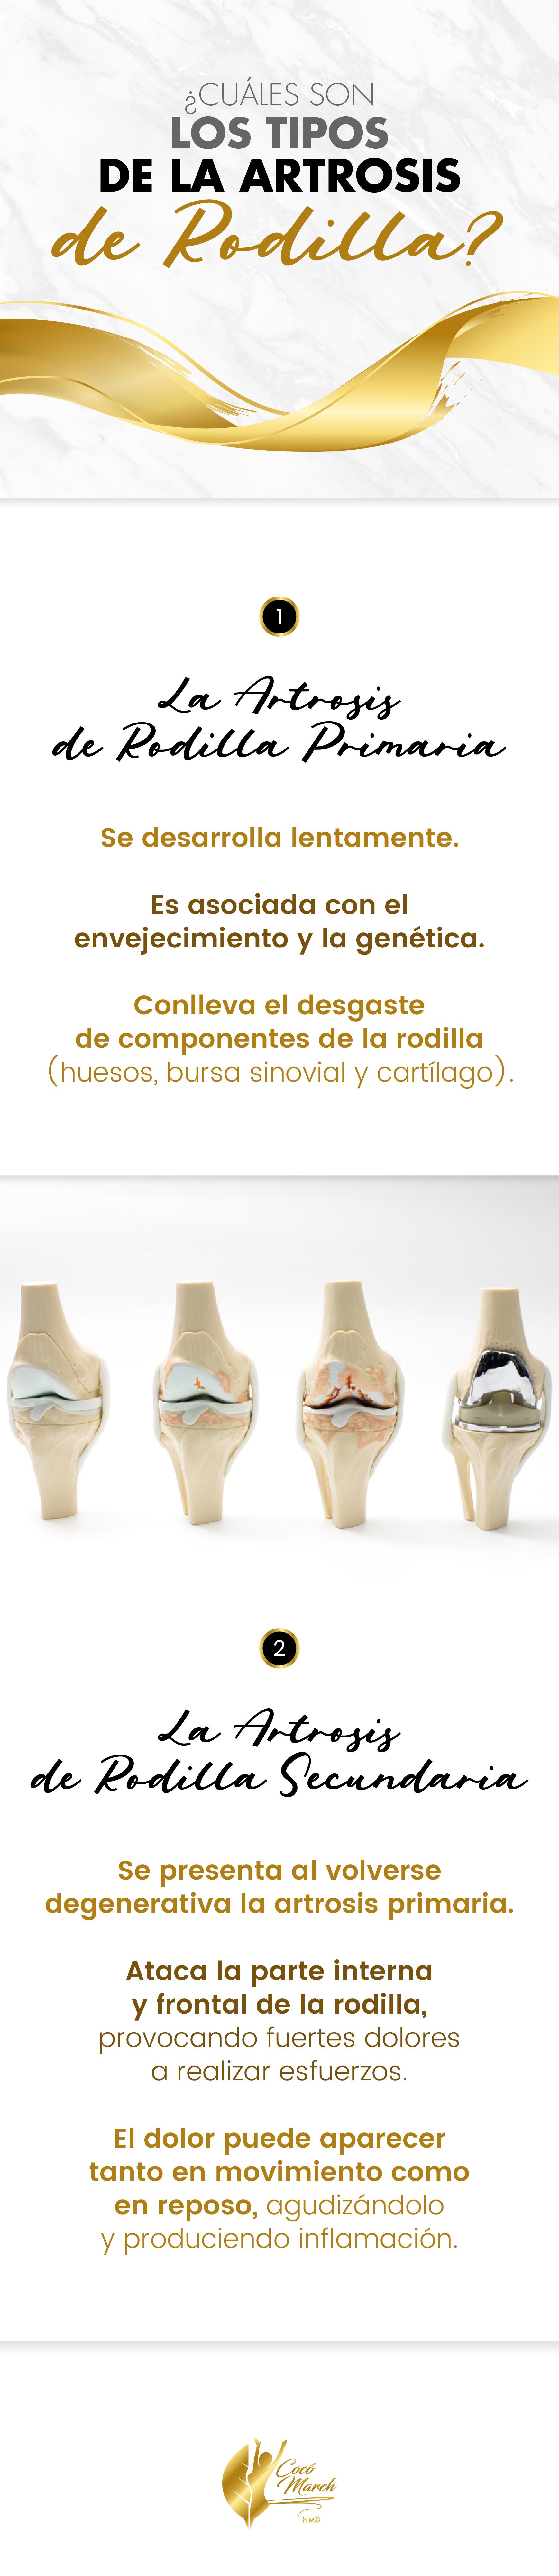 tipos-de-artrosis-de-rodilla